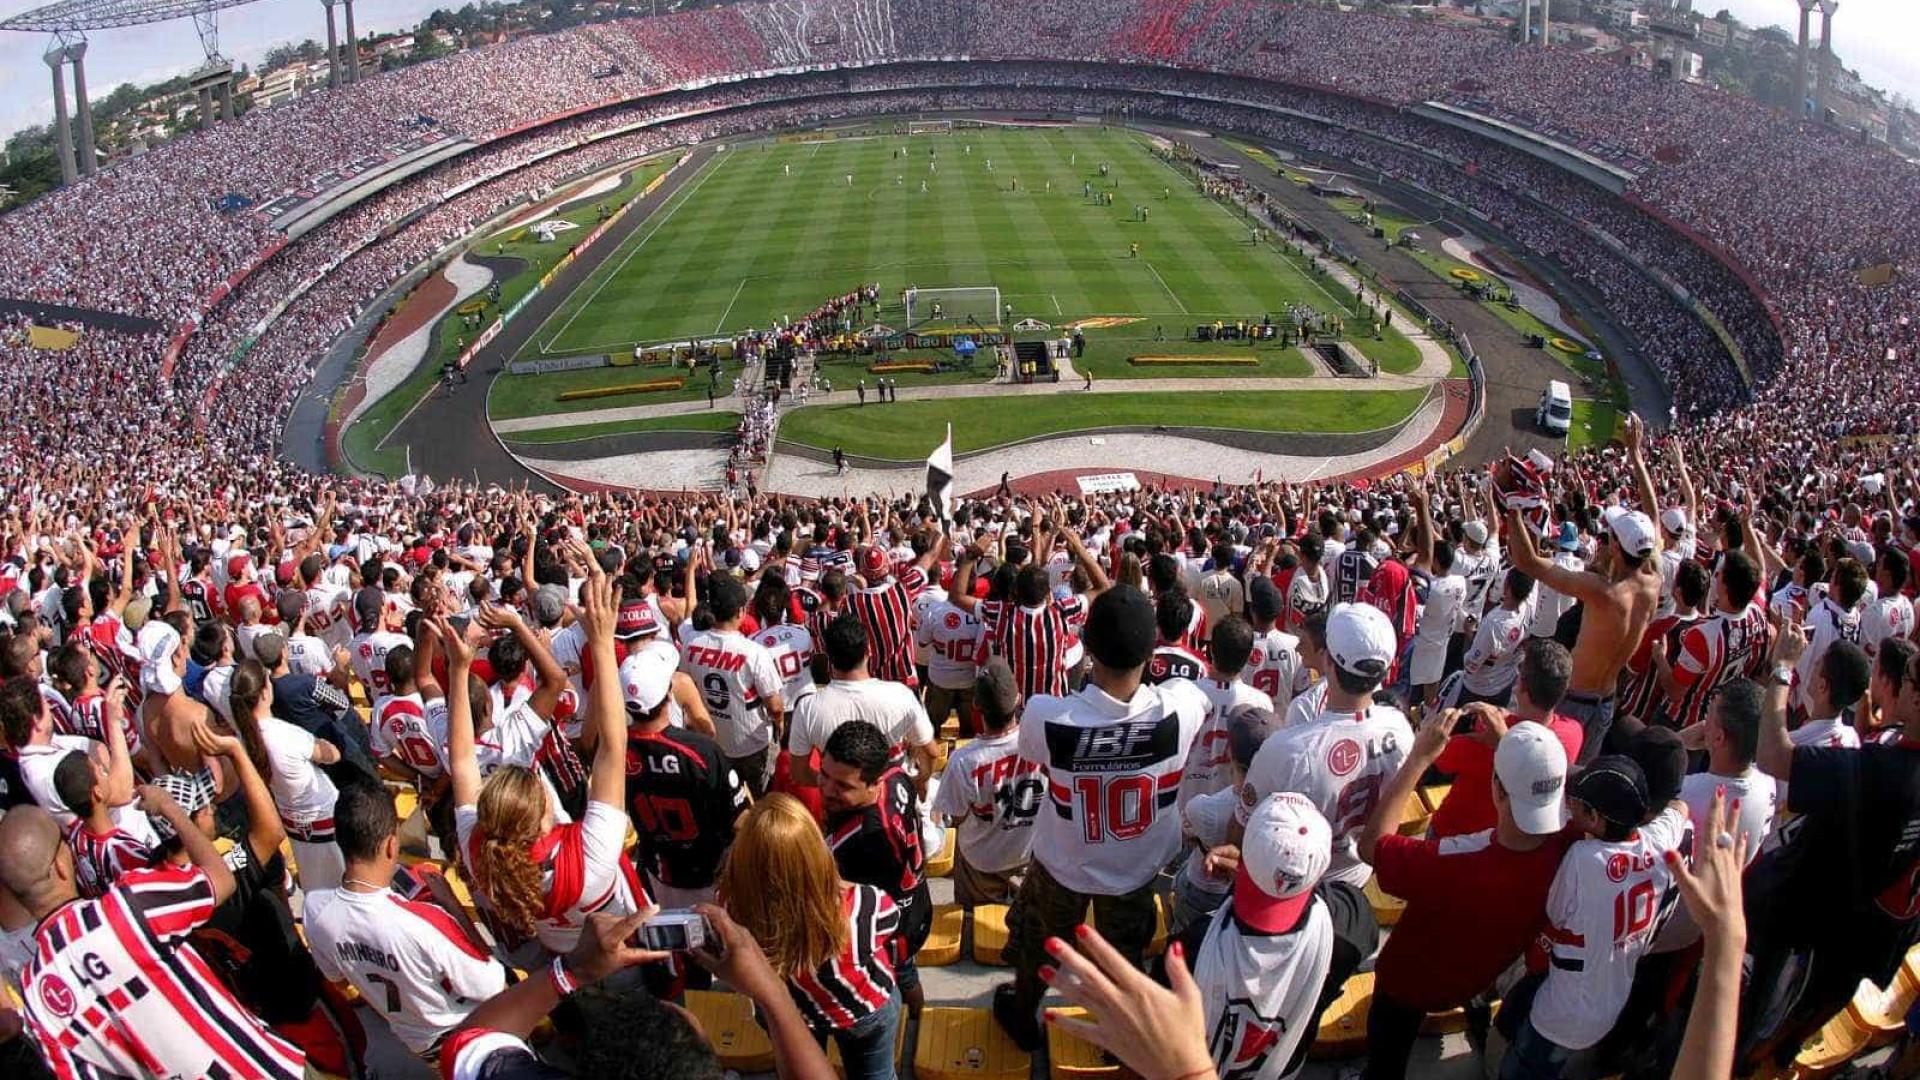 São Paulo anuncia novo patrocinador para próxima temporada